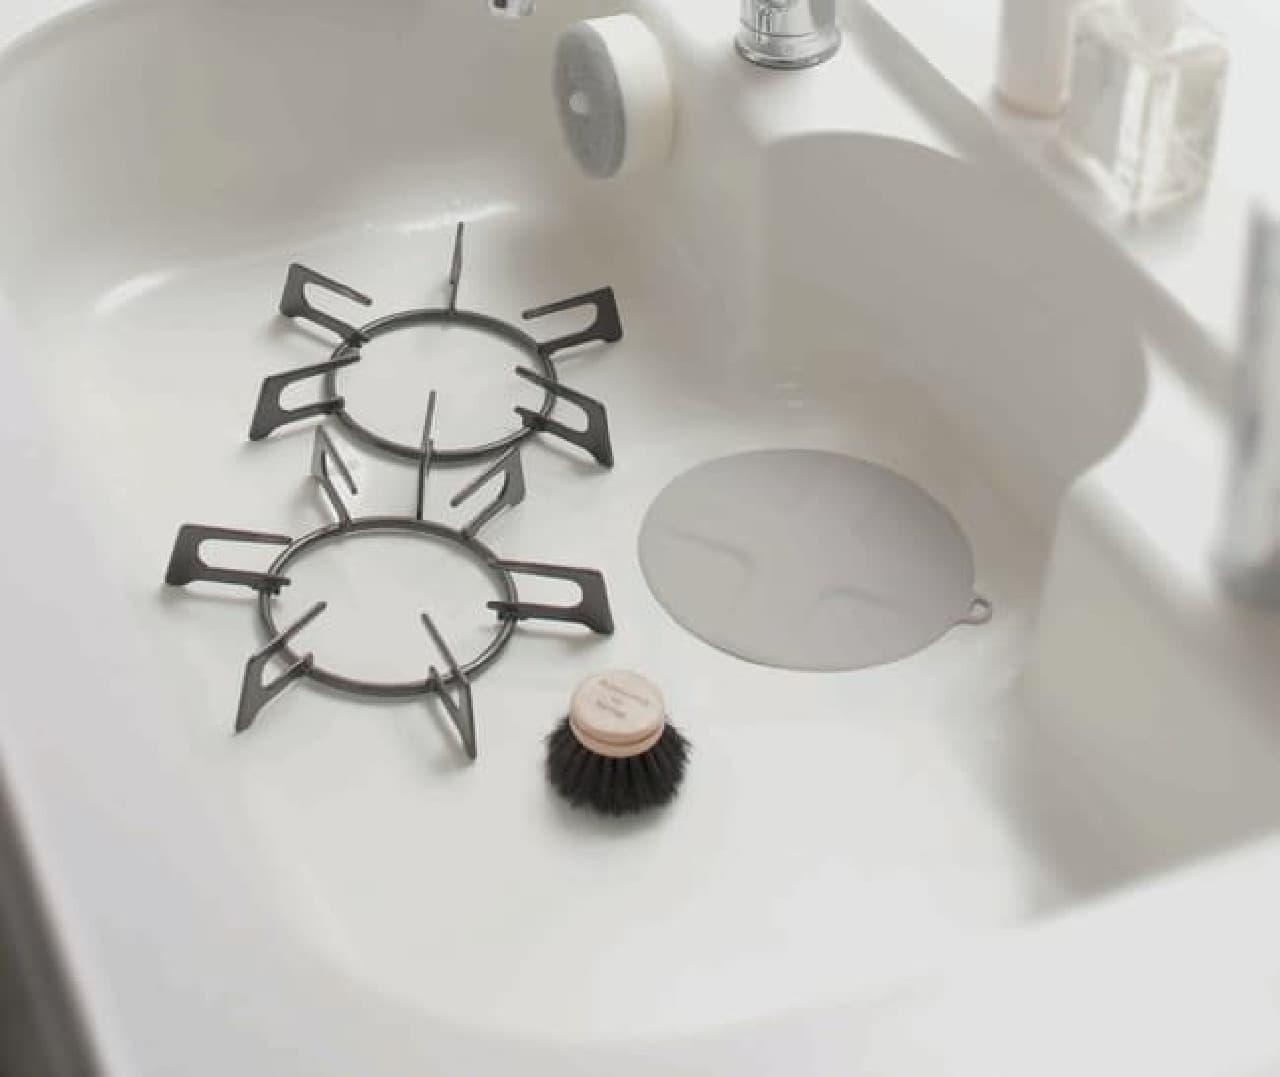 簡単に水を溜められるマーナ「つけ置き洗いキャップ」 -- キッチンシンクの排水口にのせるだけ